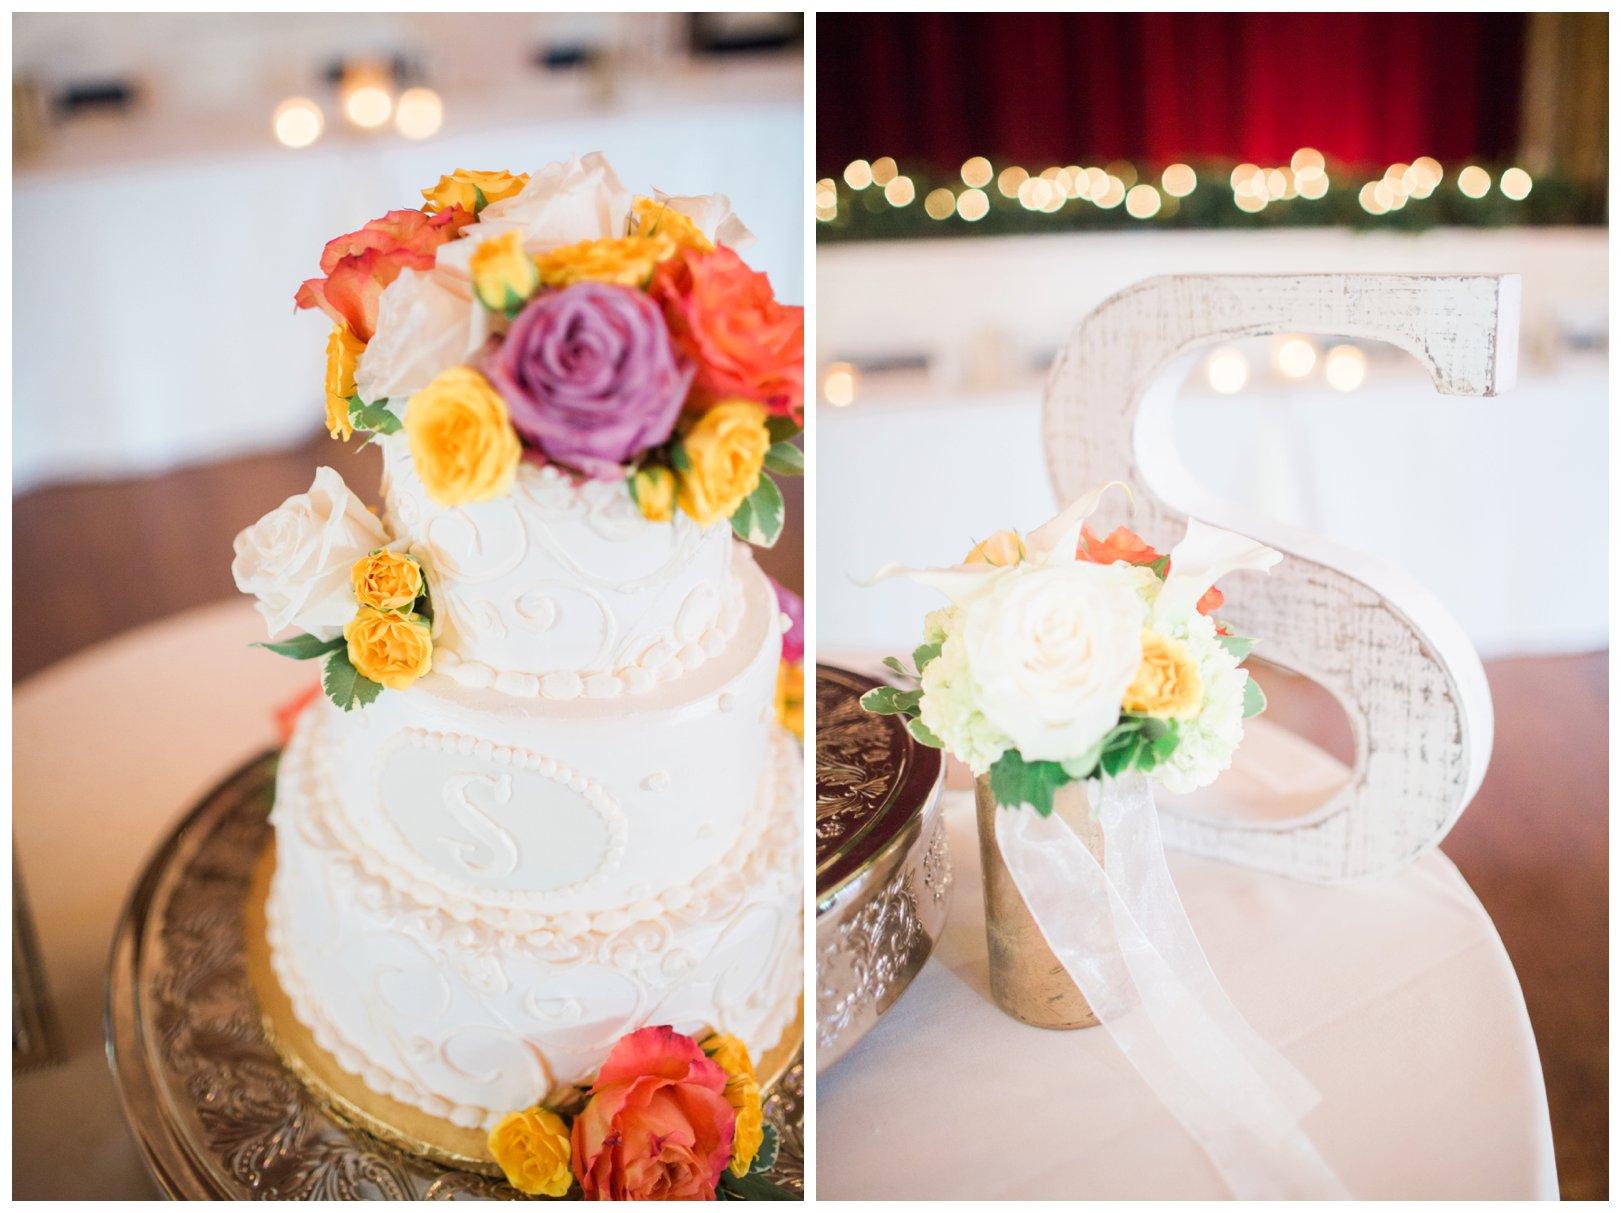 lauren muckler photography_fine art film wedding photography_st louis_photography_1273.jpg